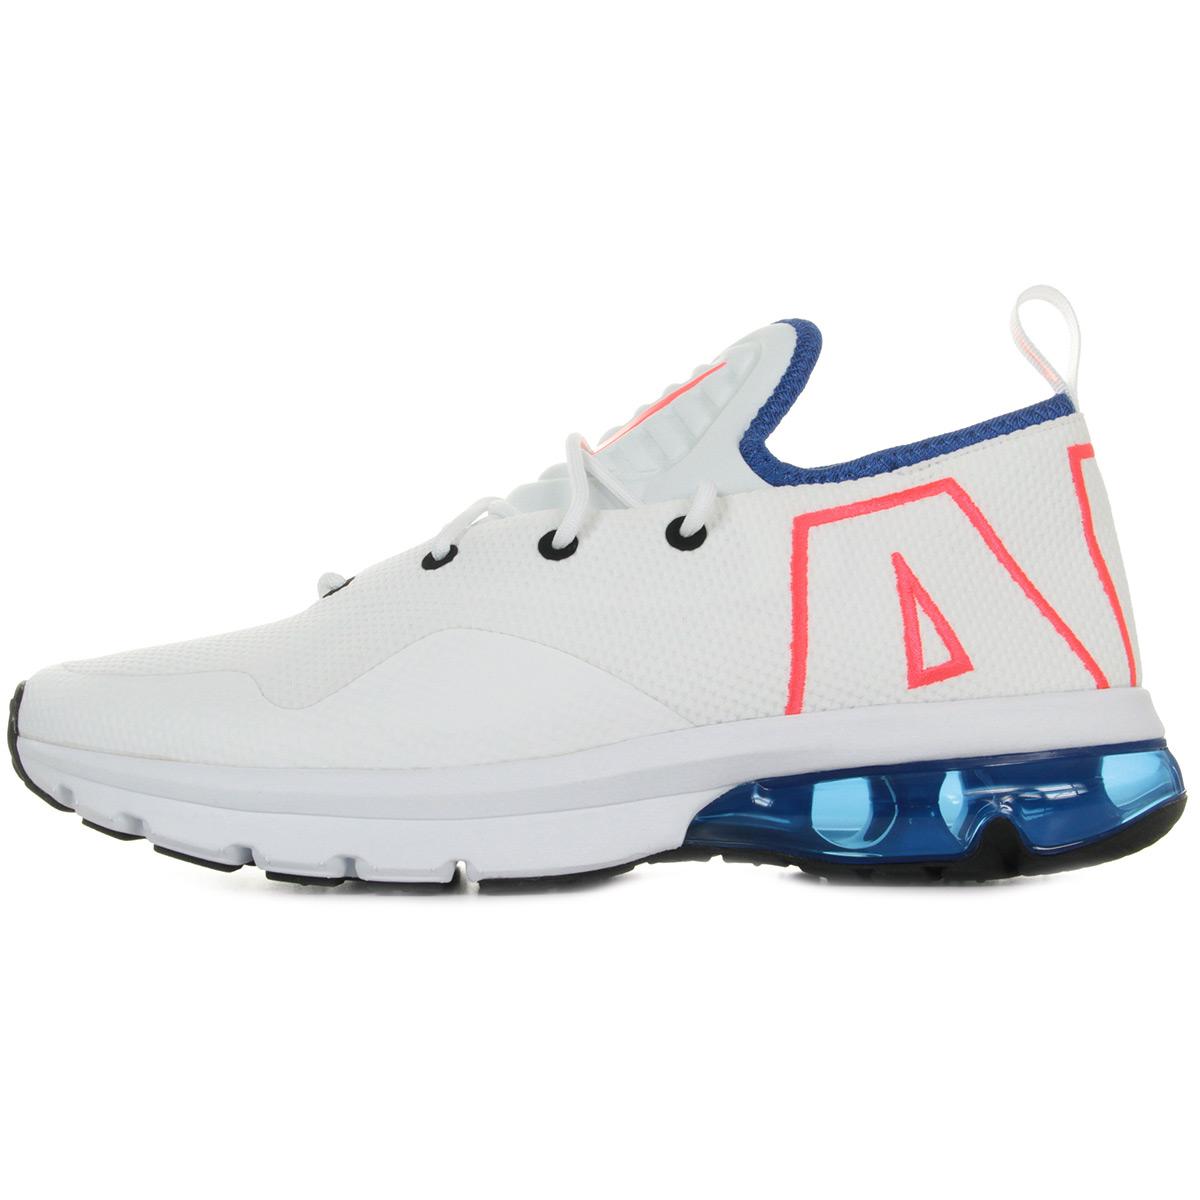 newest collection b8b87 05cc5 ... Nike Air Max Flair 50 ...